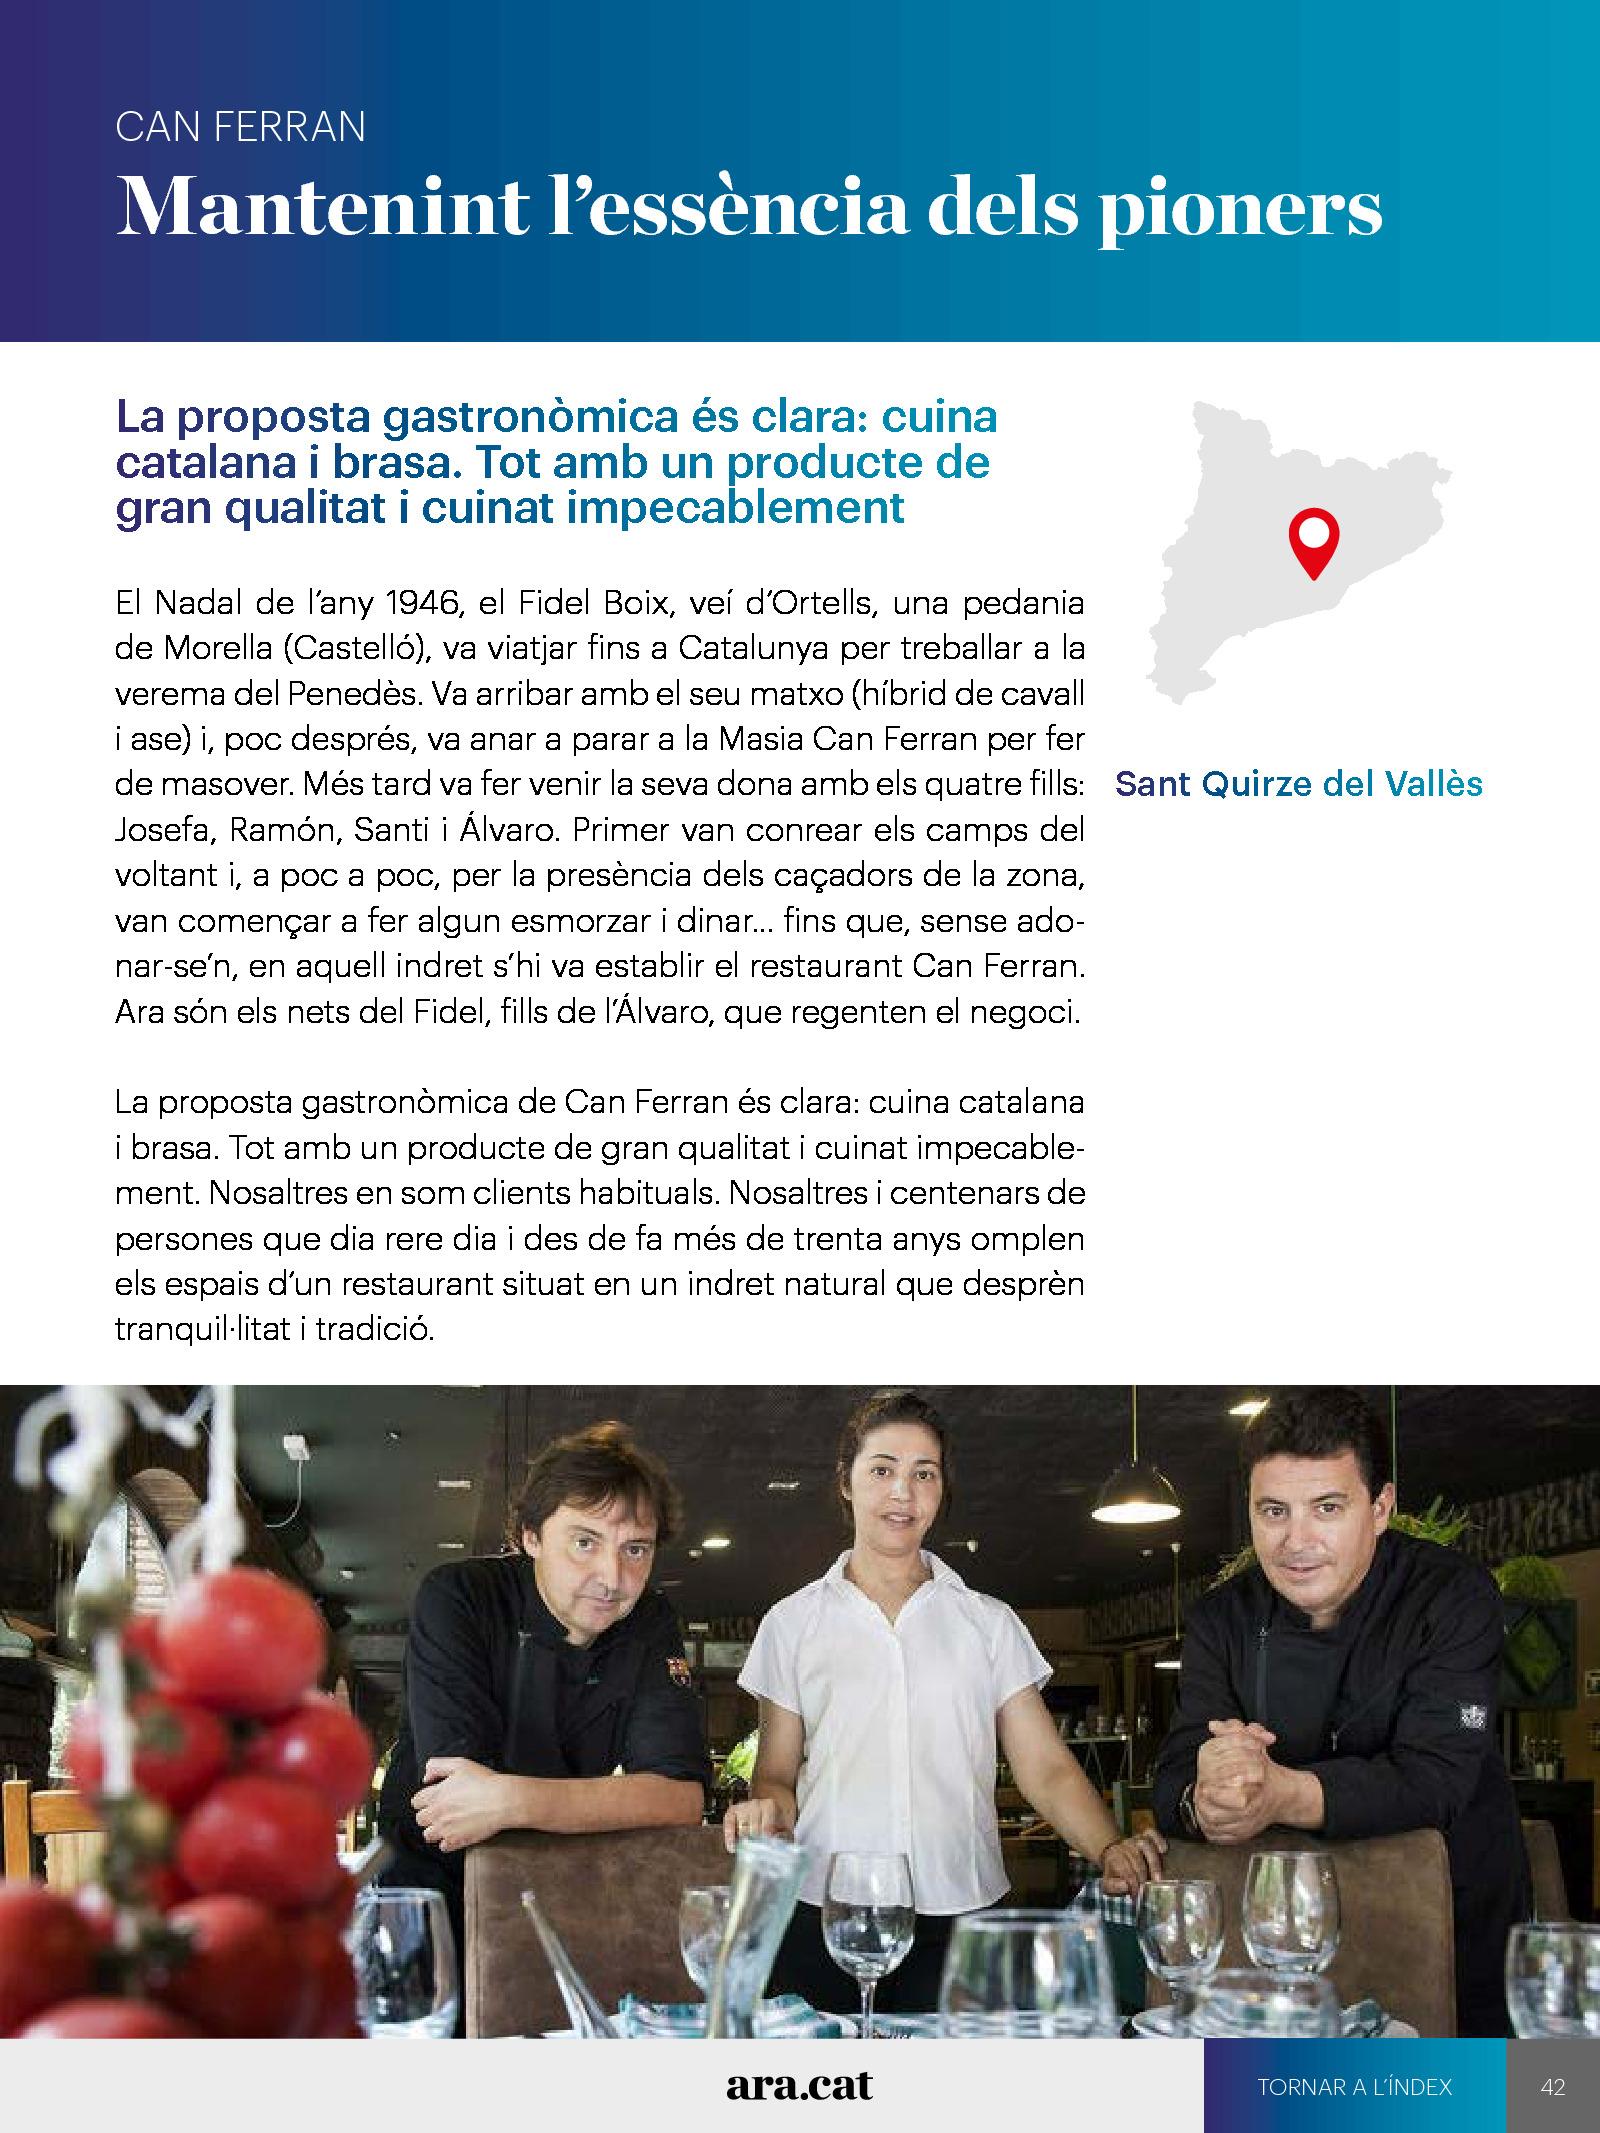 La volta gastronòmica a Catalunya 3